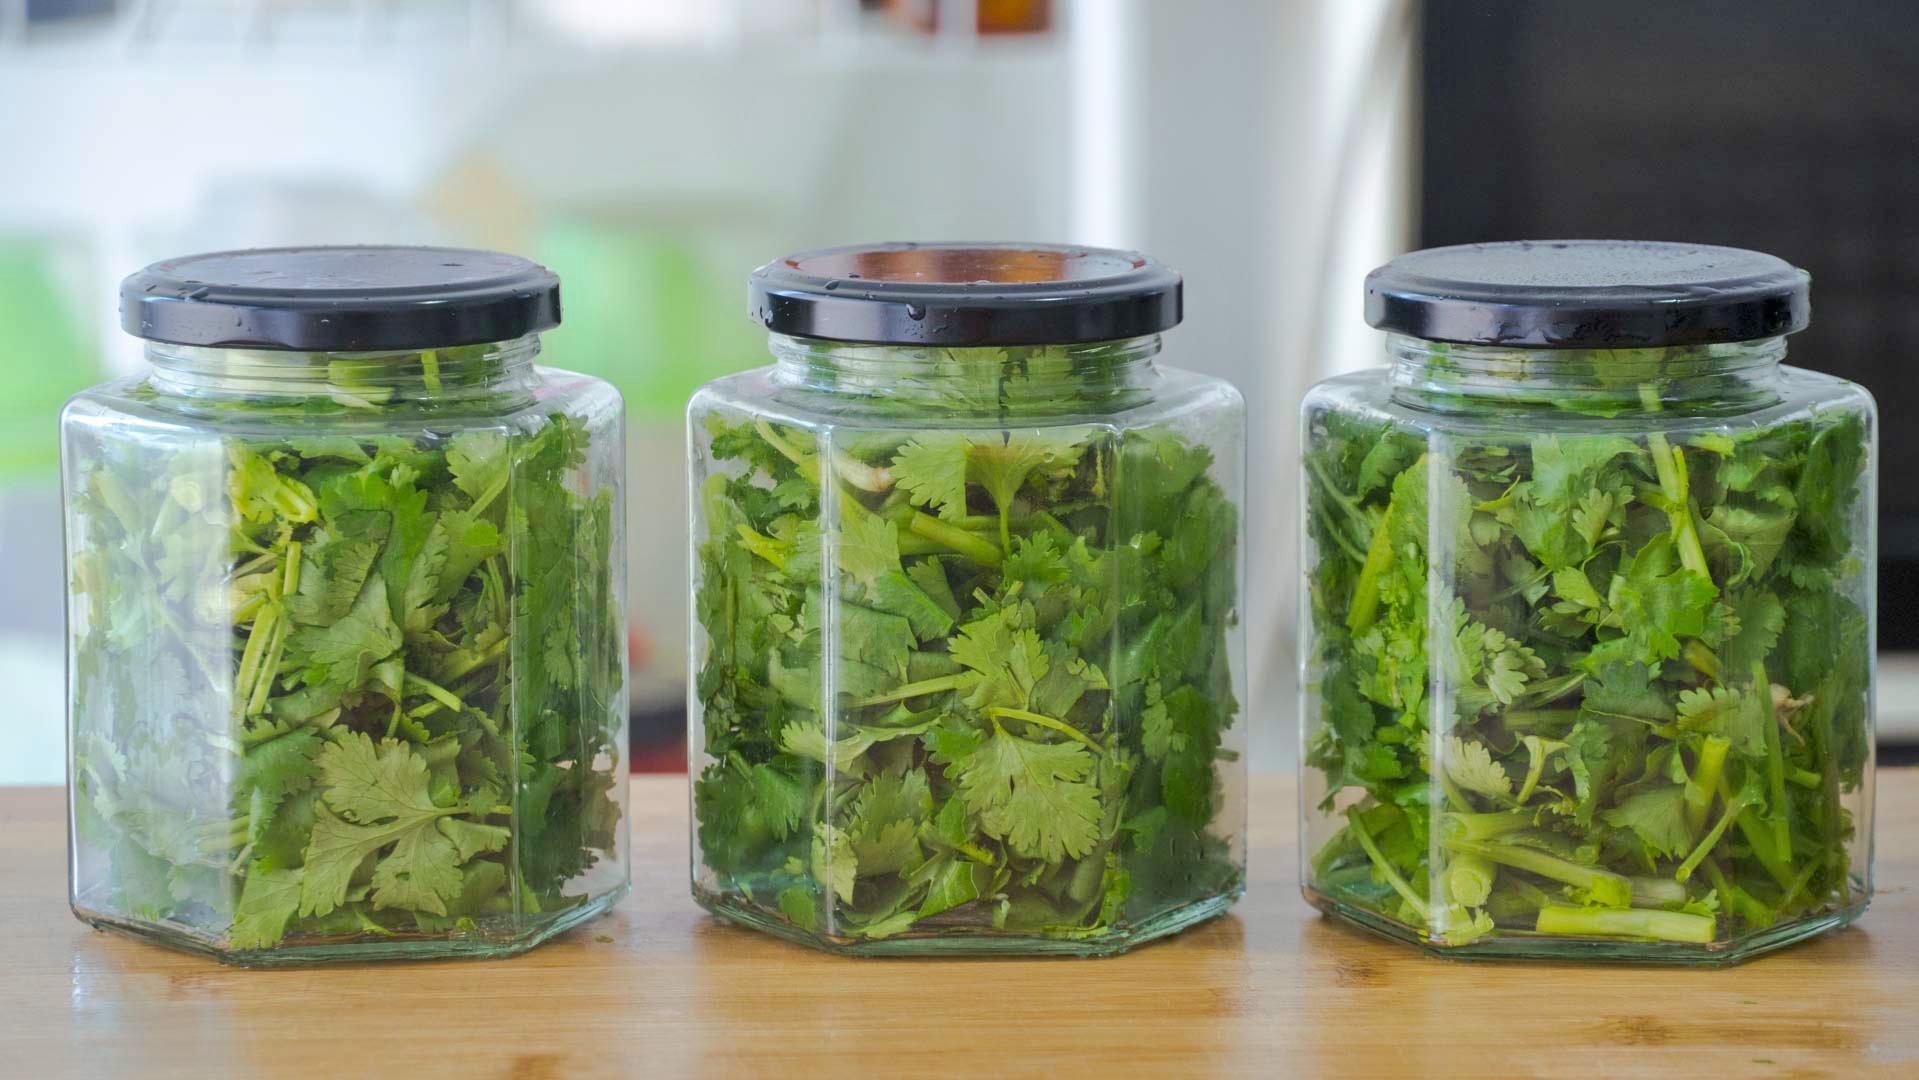 香菜保存有訣竅,3種儲存方法,隨吃隨取,不發黃不腐爛,去試試